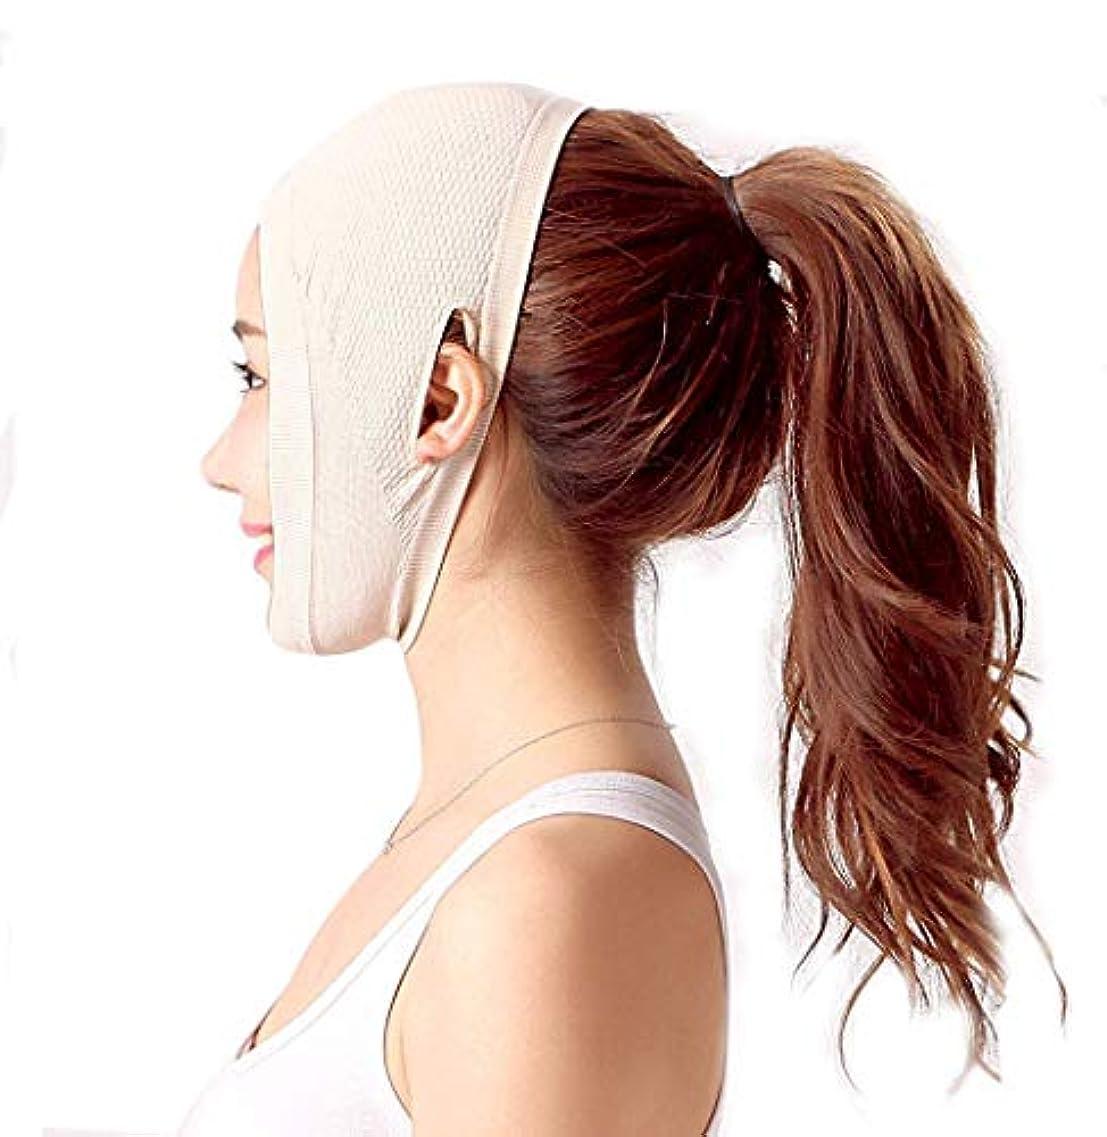 大声で瞑想近代化するV顔リフティング包帯薄いフェイスマスク(色:肌のトーン(A))を眠っている整形手術病院ライン彫刻術後回復ヘッドギア医療マスク